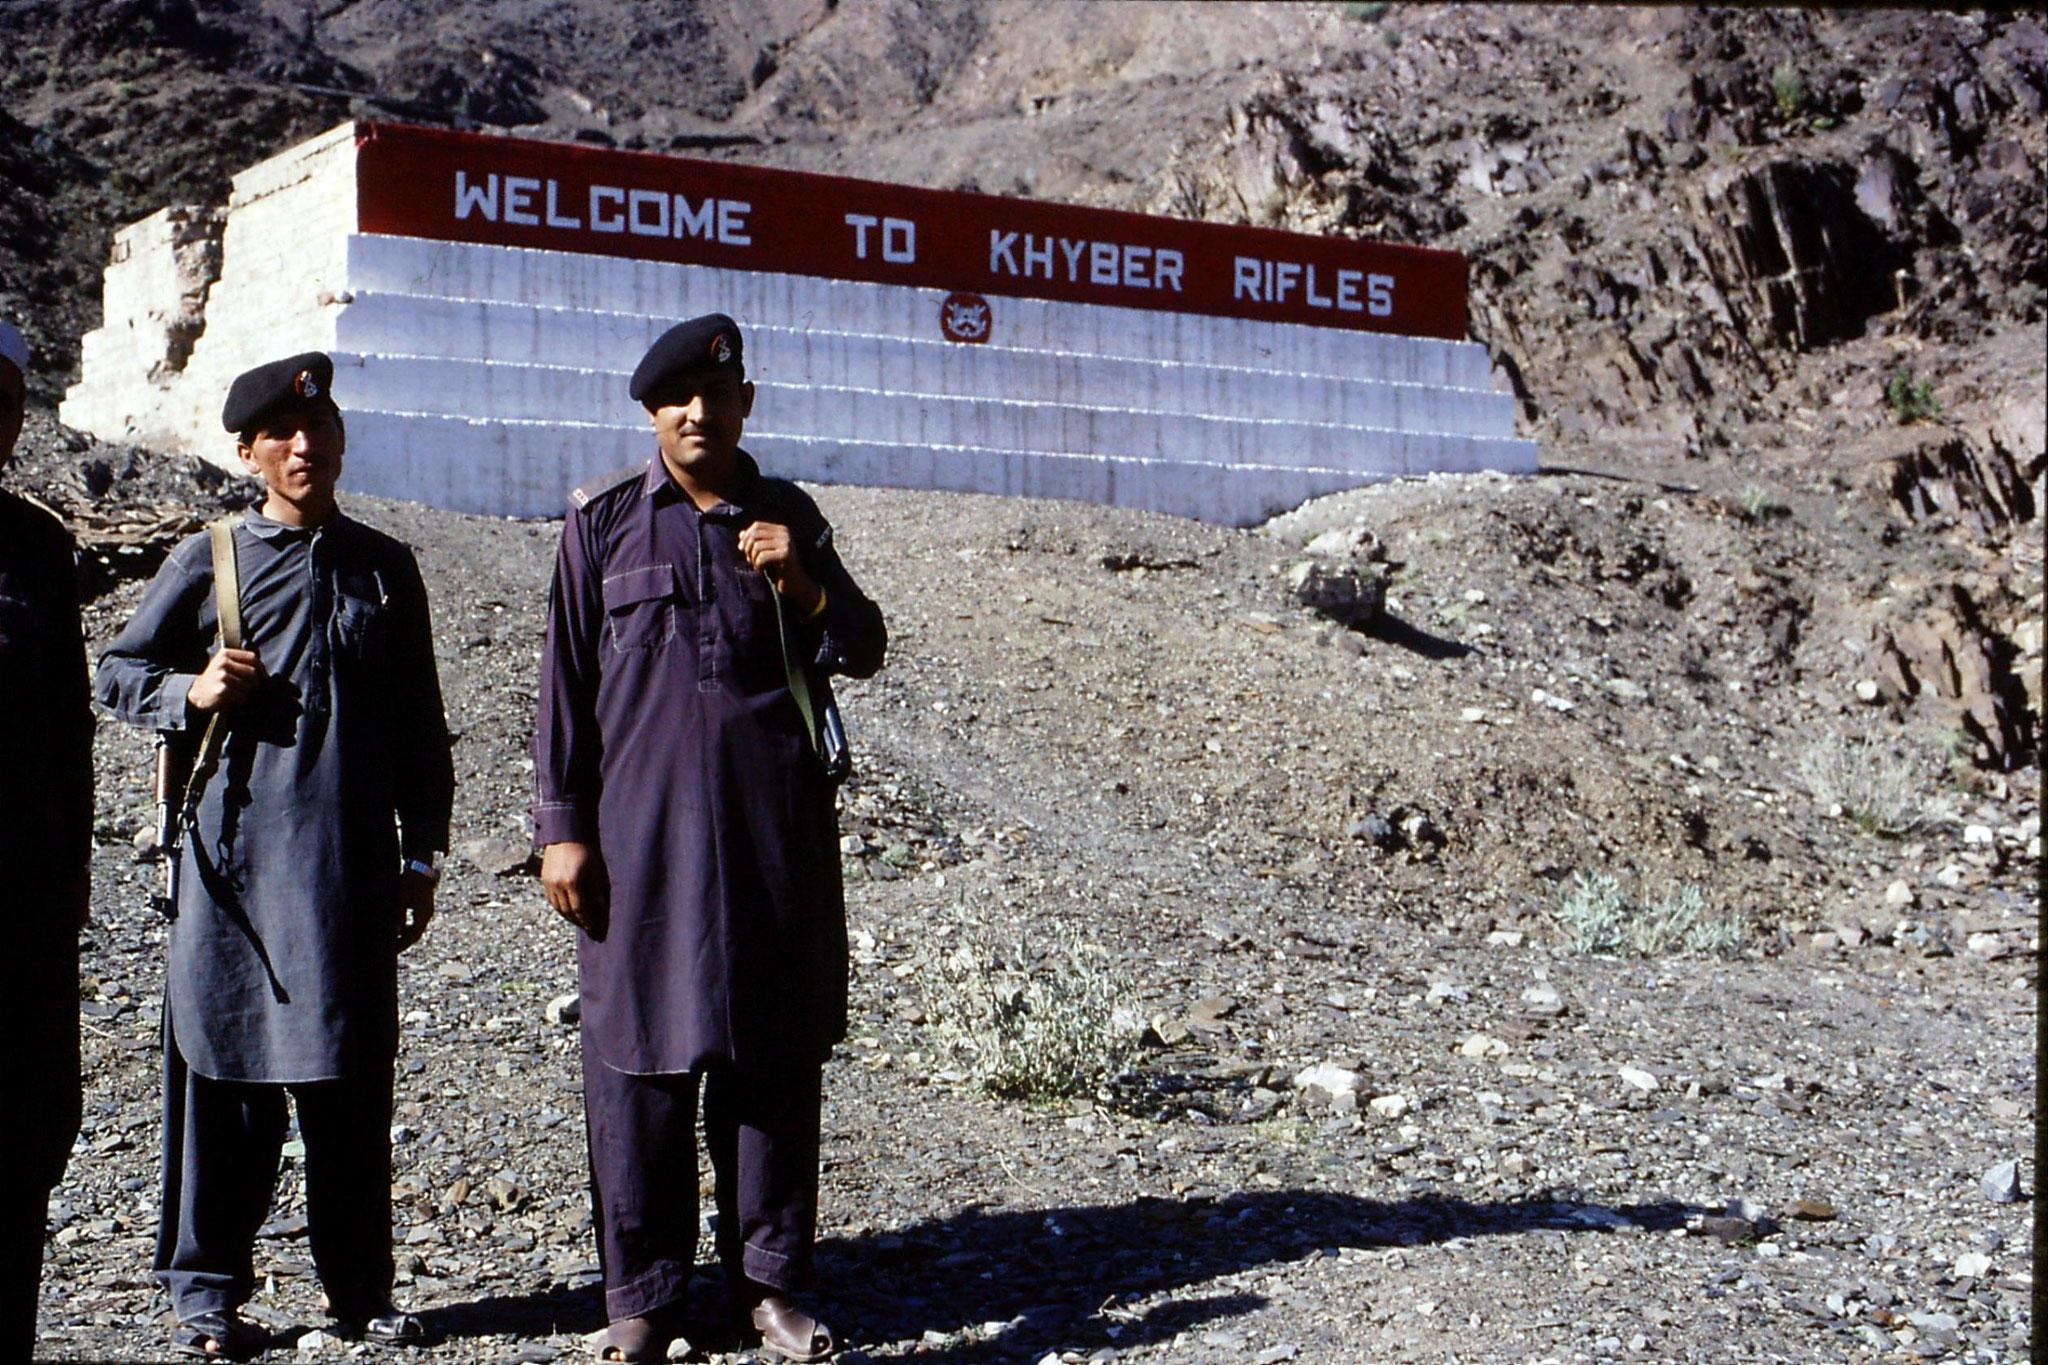 6/11/1989: 19: Khyber Pass